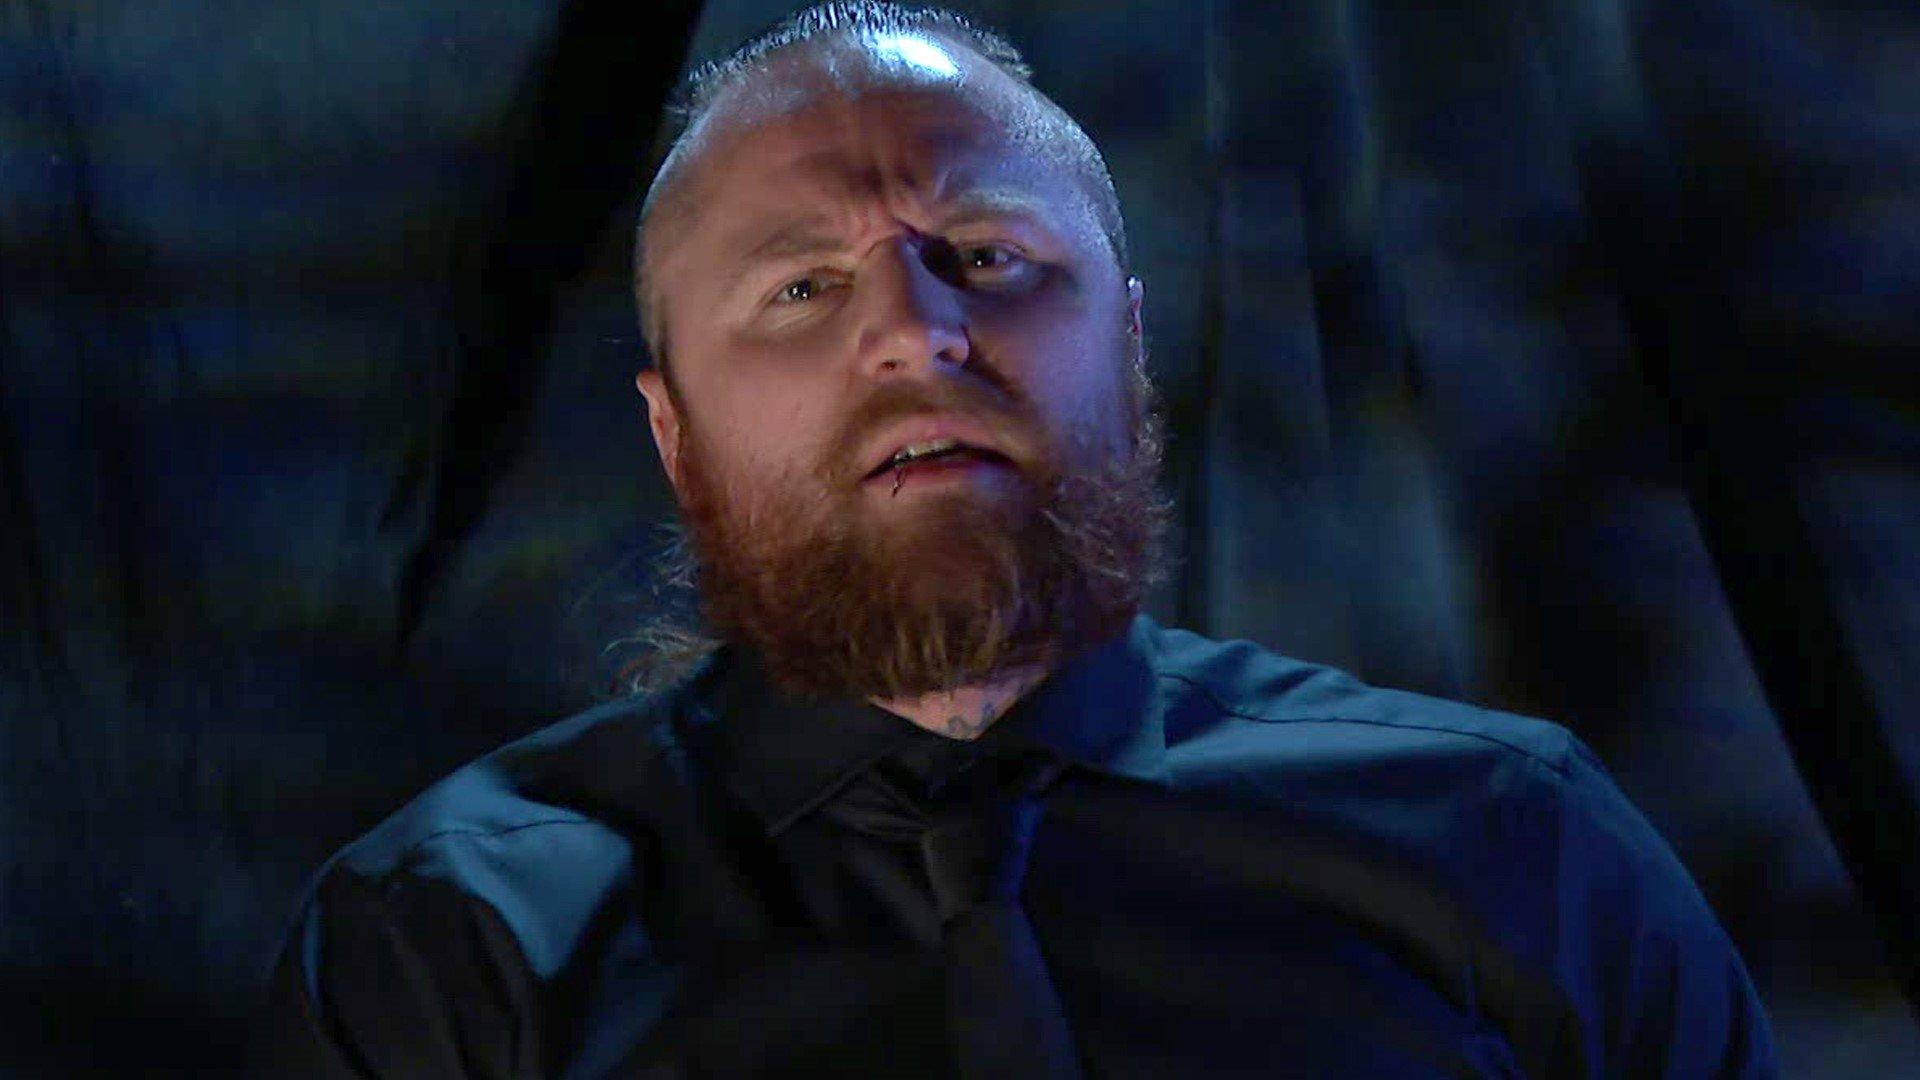 La porte d'Aleister Black est ouverte: SmackDown LIVE, 11 Juin 2019